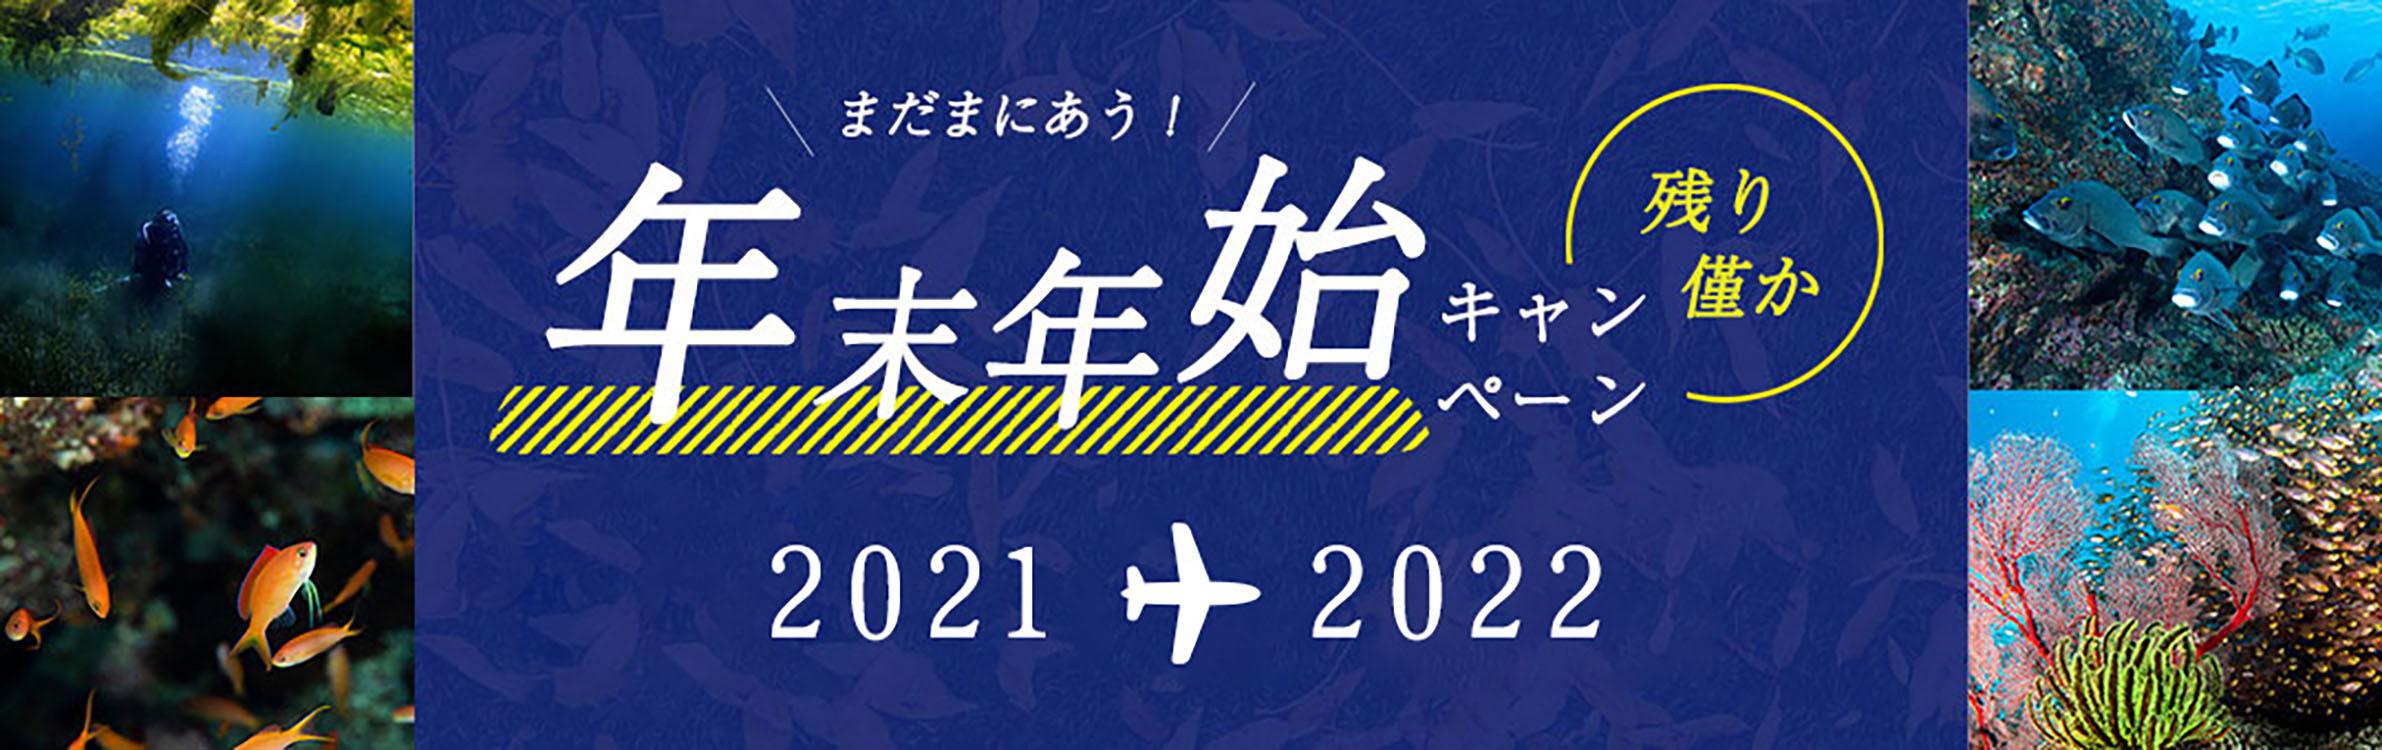 まだまにあう!年末年始キャンペーン 2021年→2022年